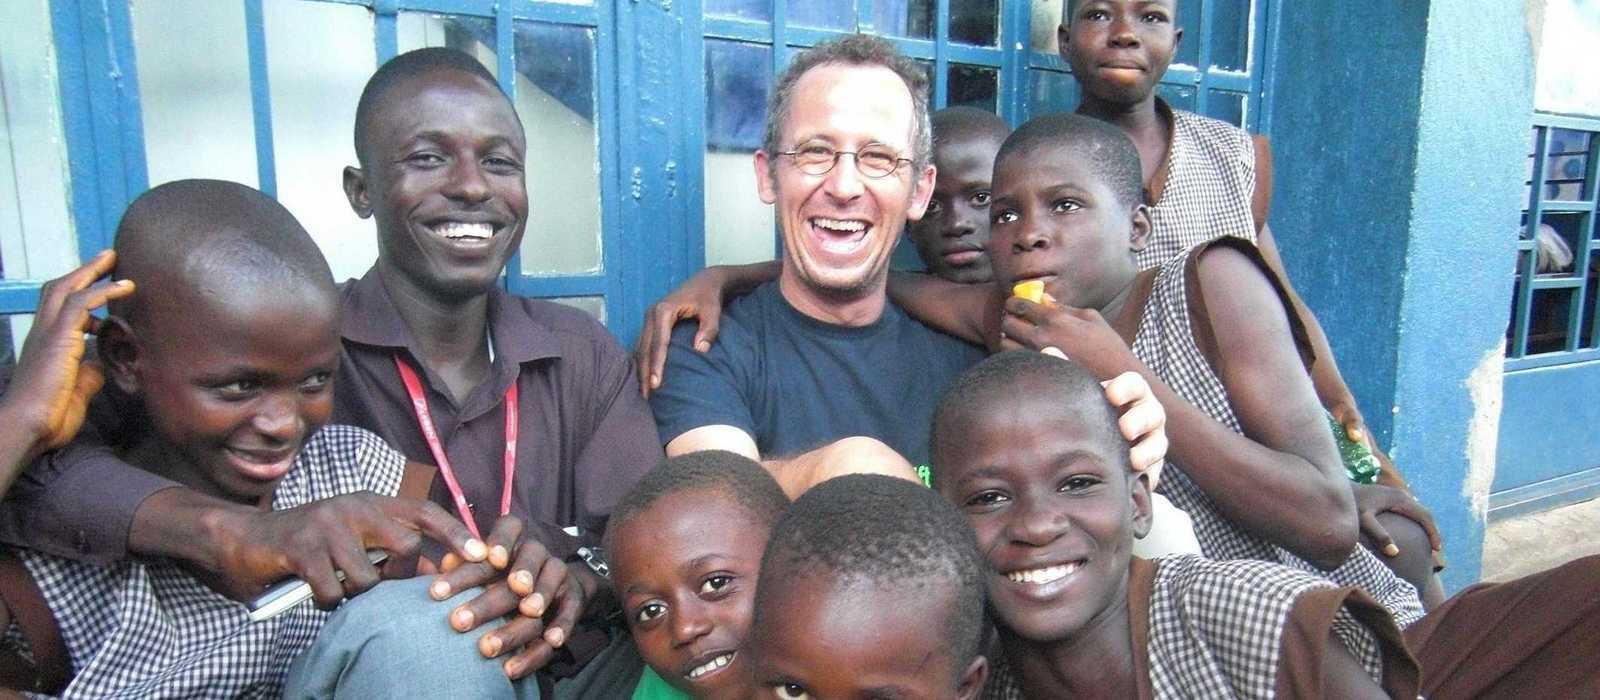 Lothar Wagner in einer Gruppe von Jungen